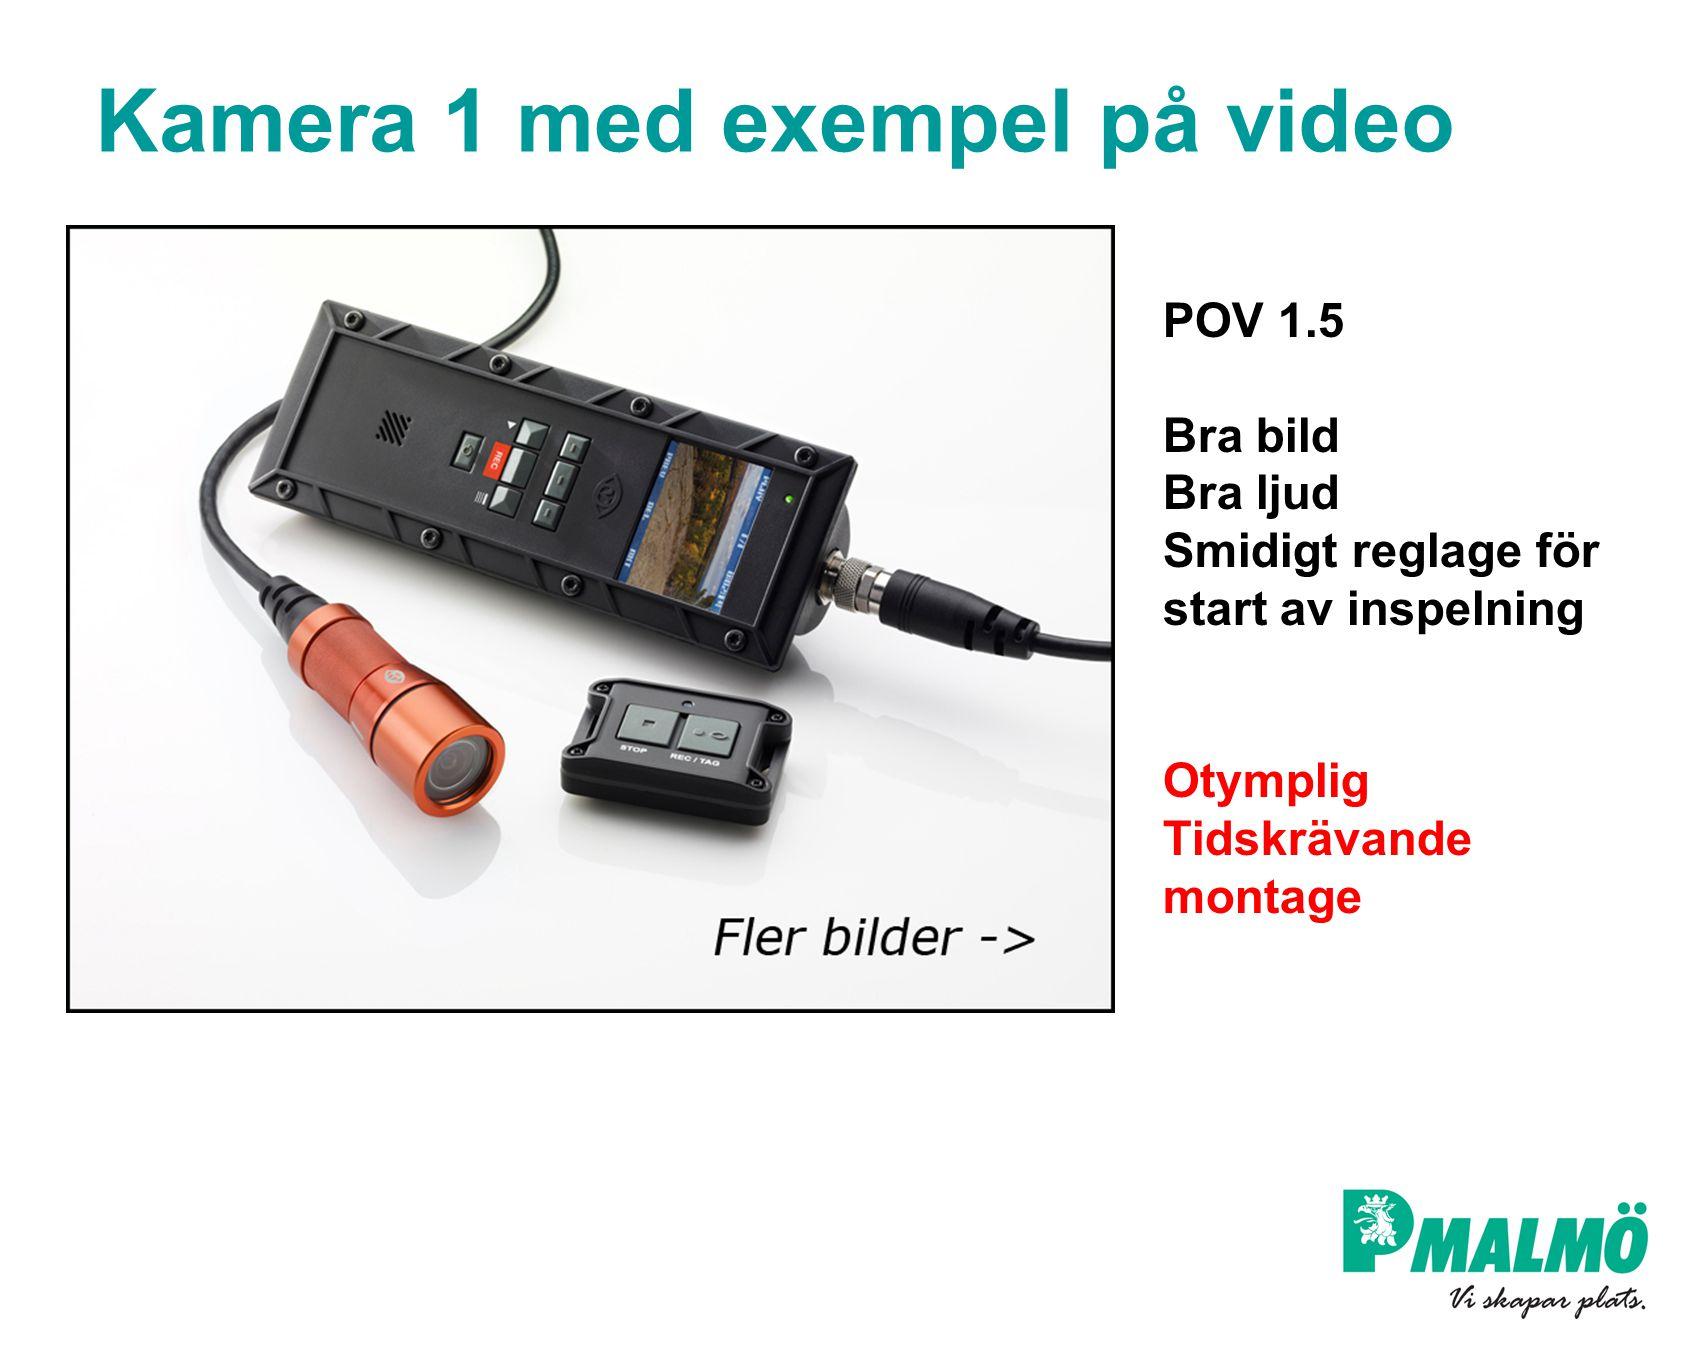 Kamera 1 med exempel på video